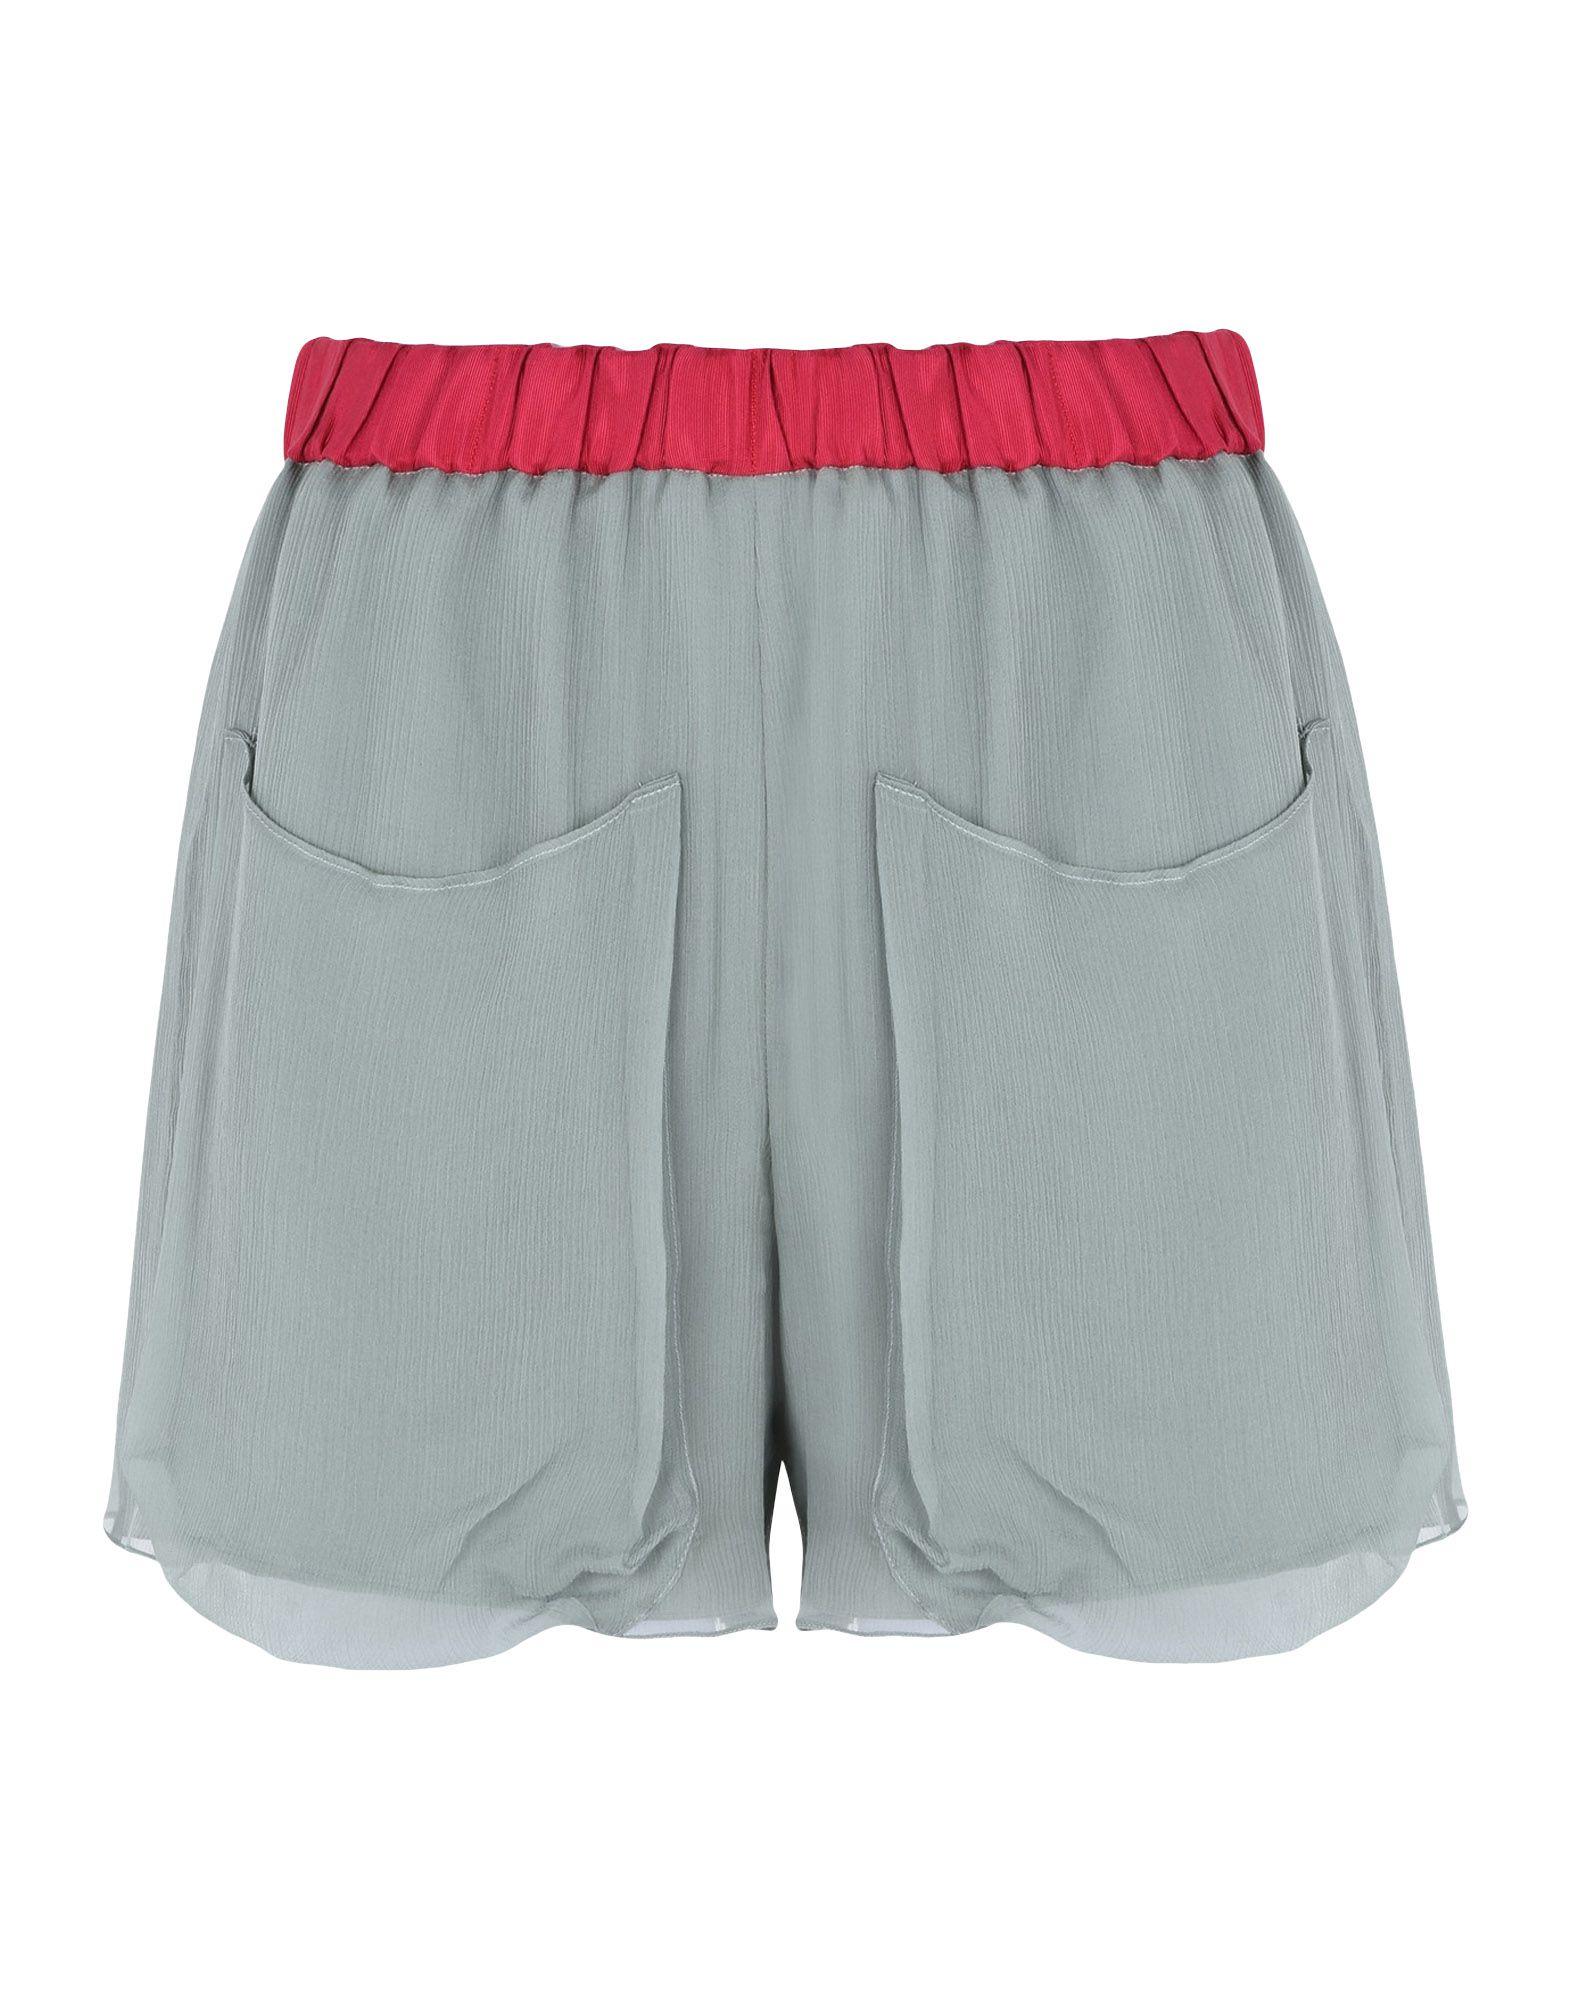 Shorts Emporio Armani Donna - Acquista online su DV2B6